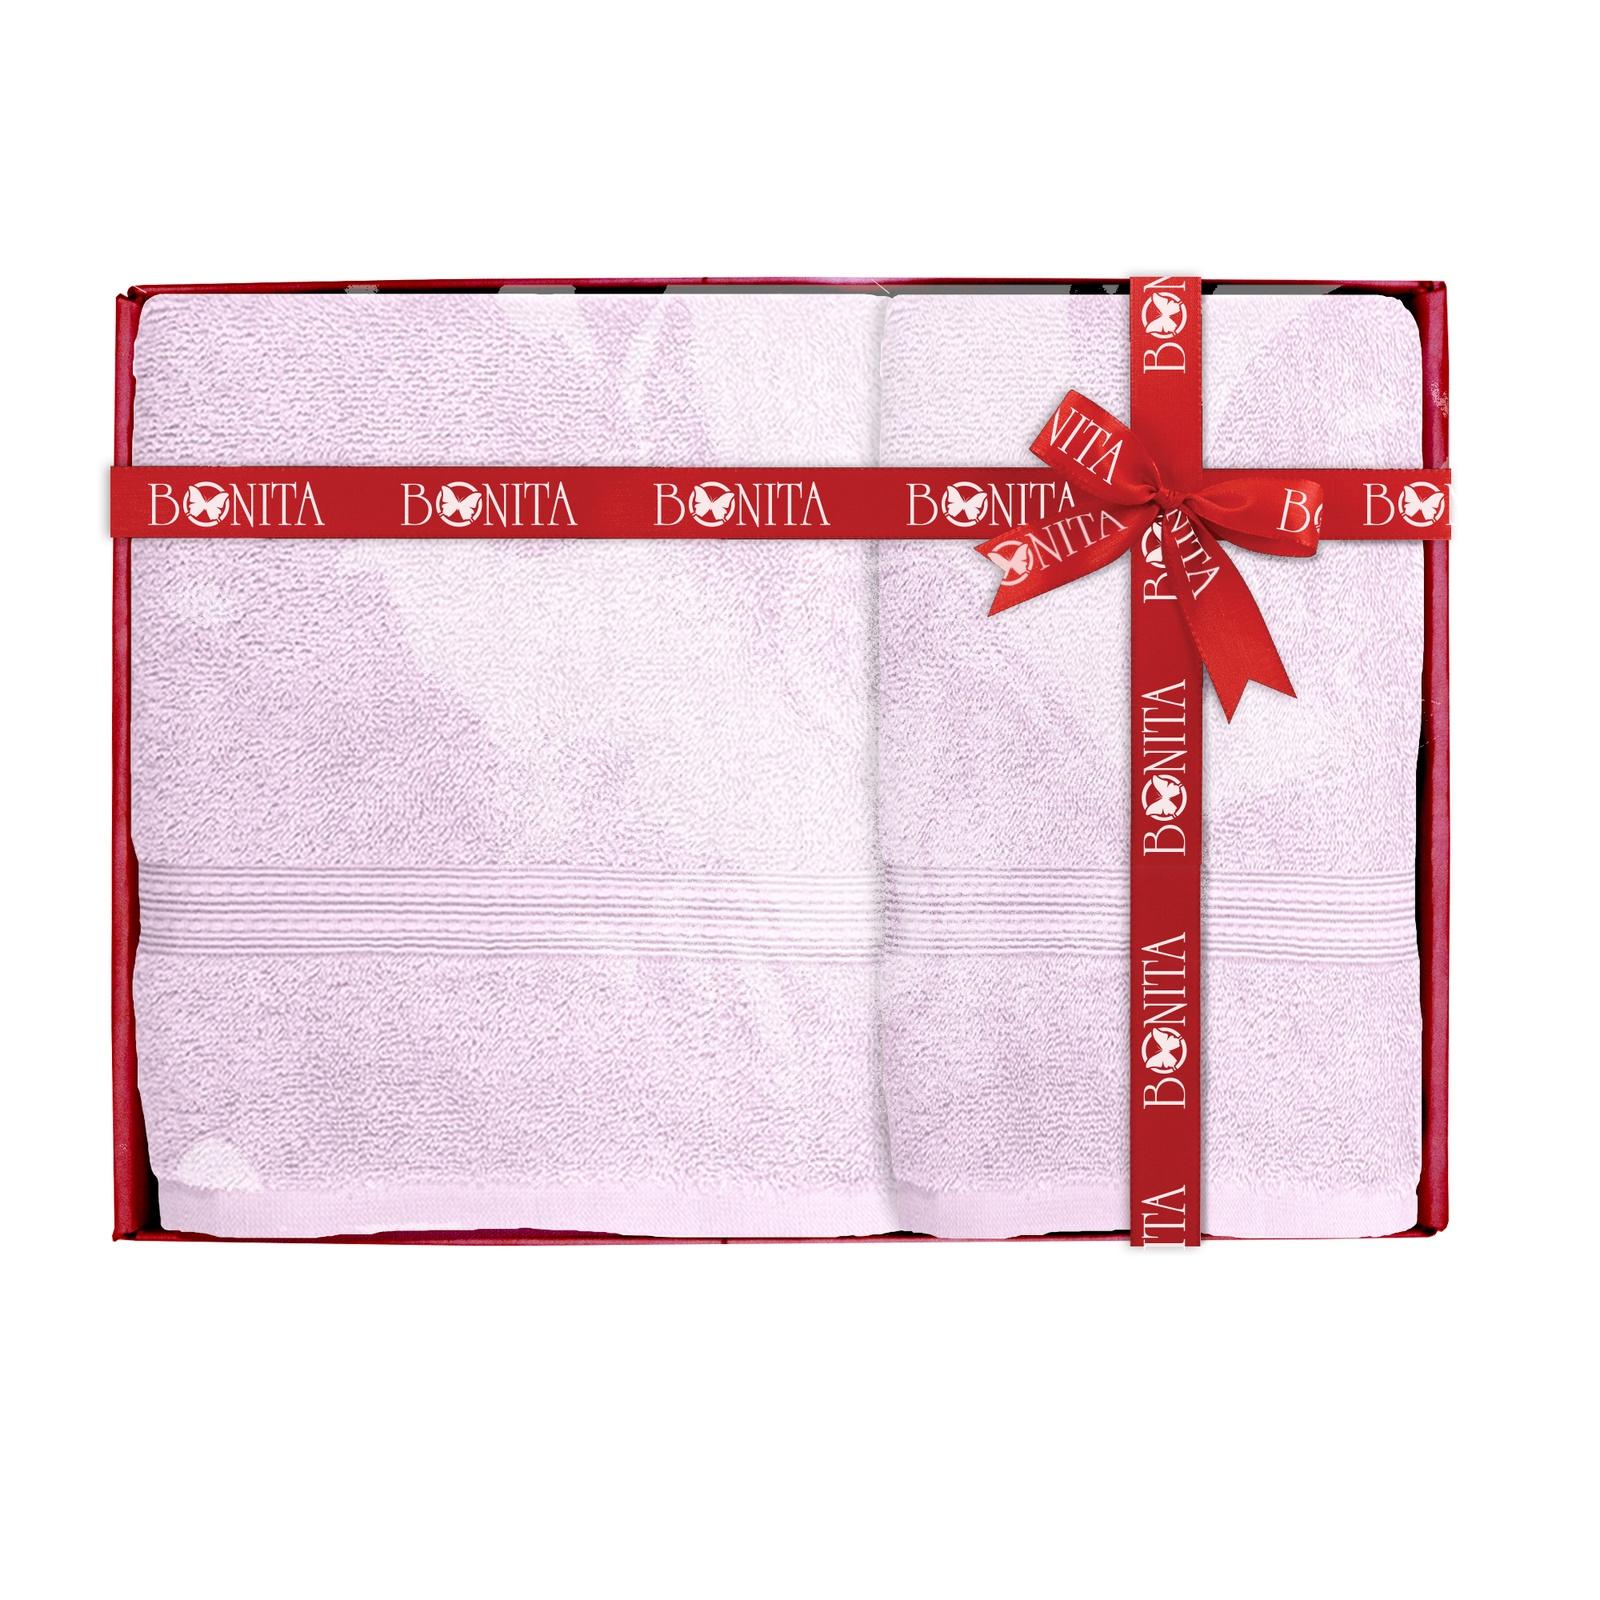 Набор банных полотенец Bonita Classic, 21011218282, лиловый, 2 шт цена и фото